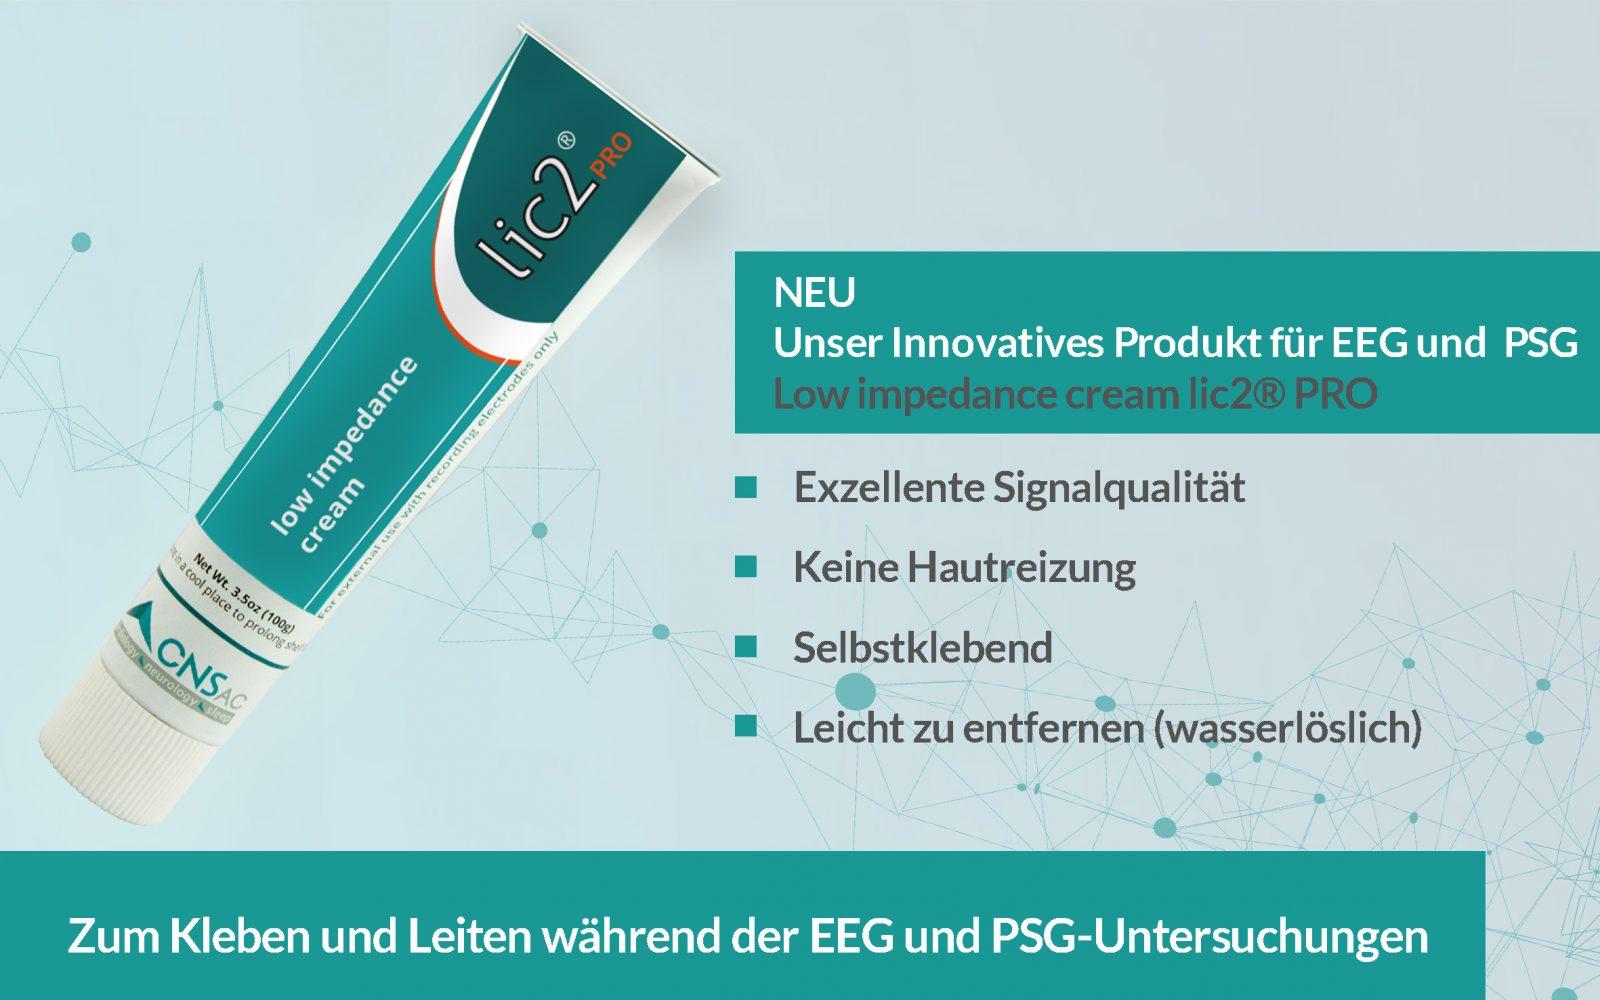 lic2 PRO Elektrodencreme CNSAC